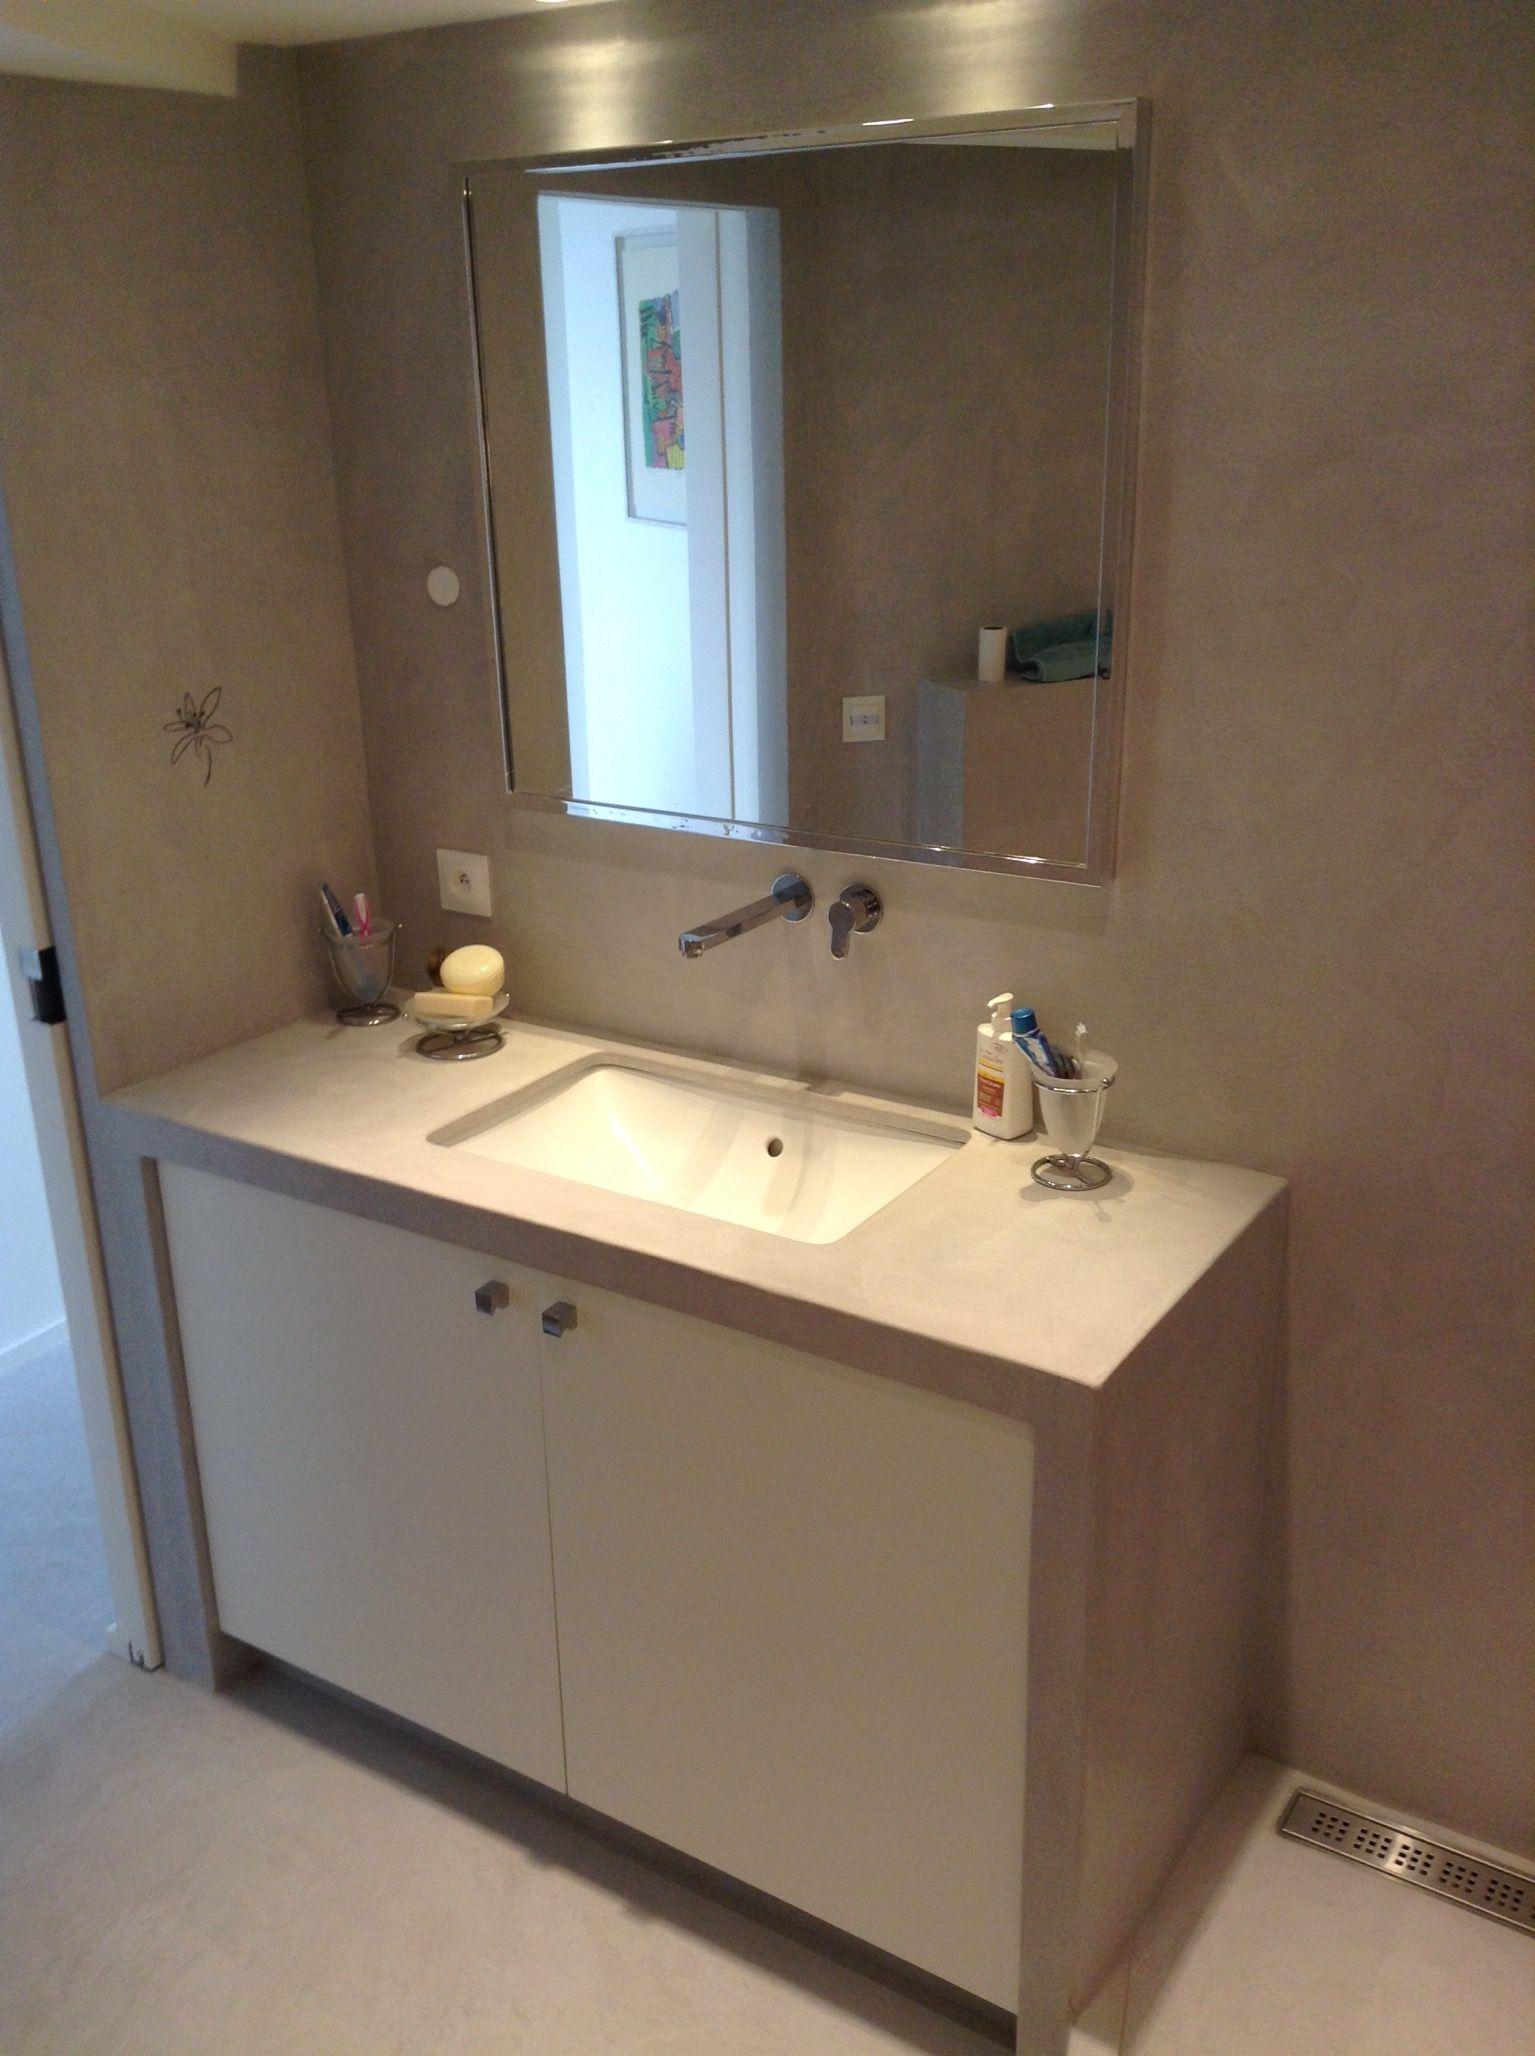 Meuble En Béton Ciré meuble vasque en béton ciré | meuble vasque, beton ciré, beton